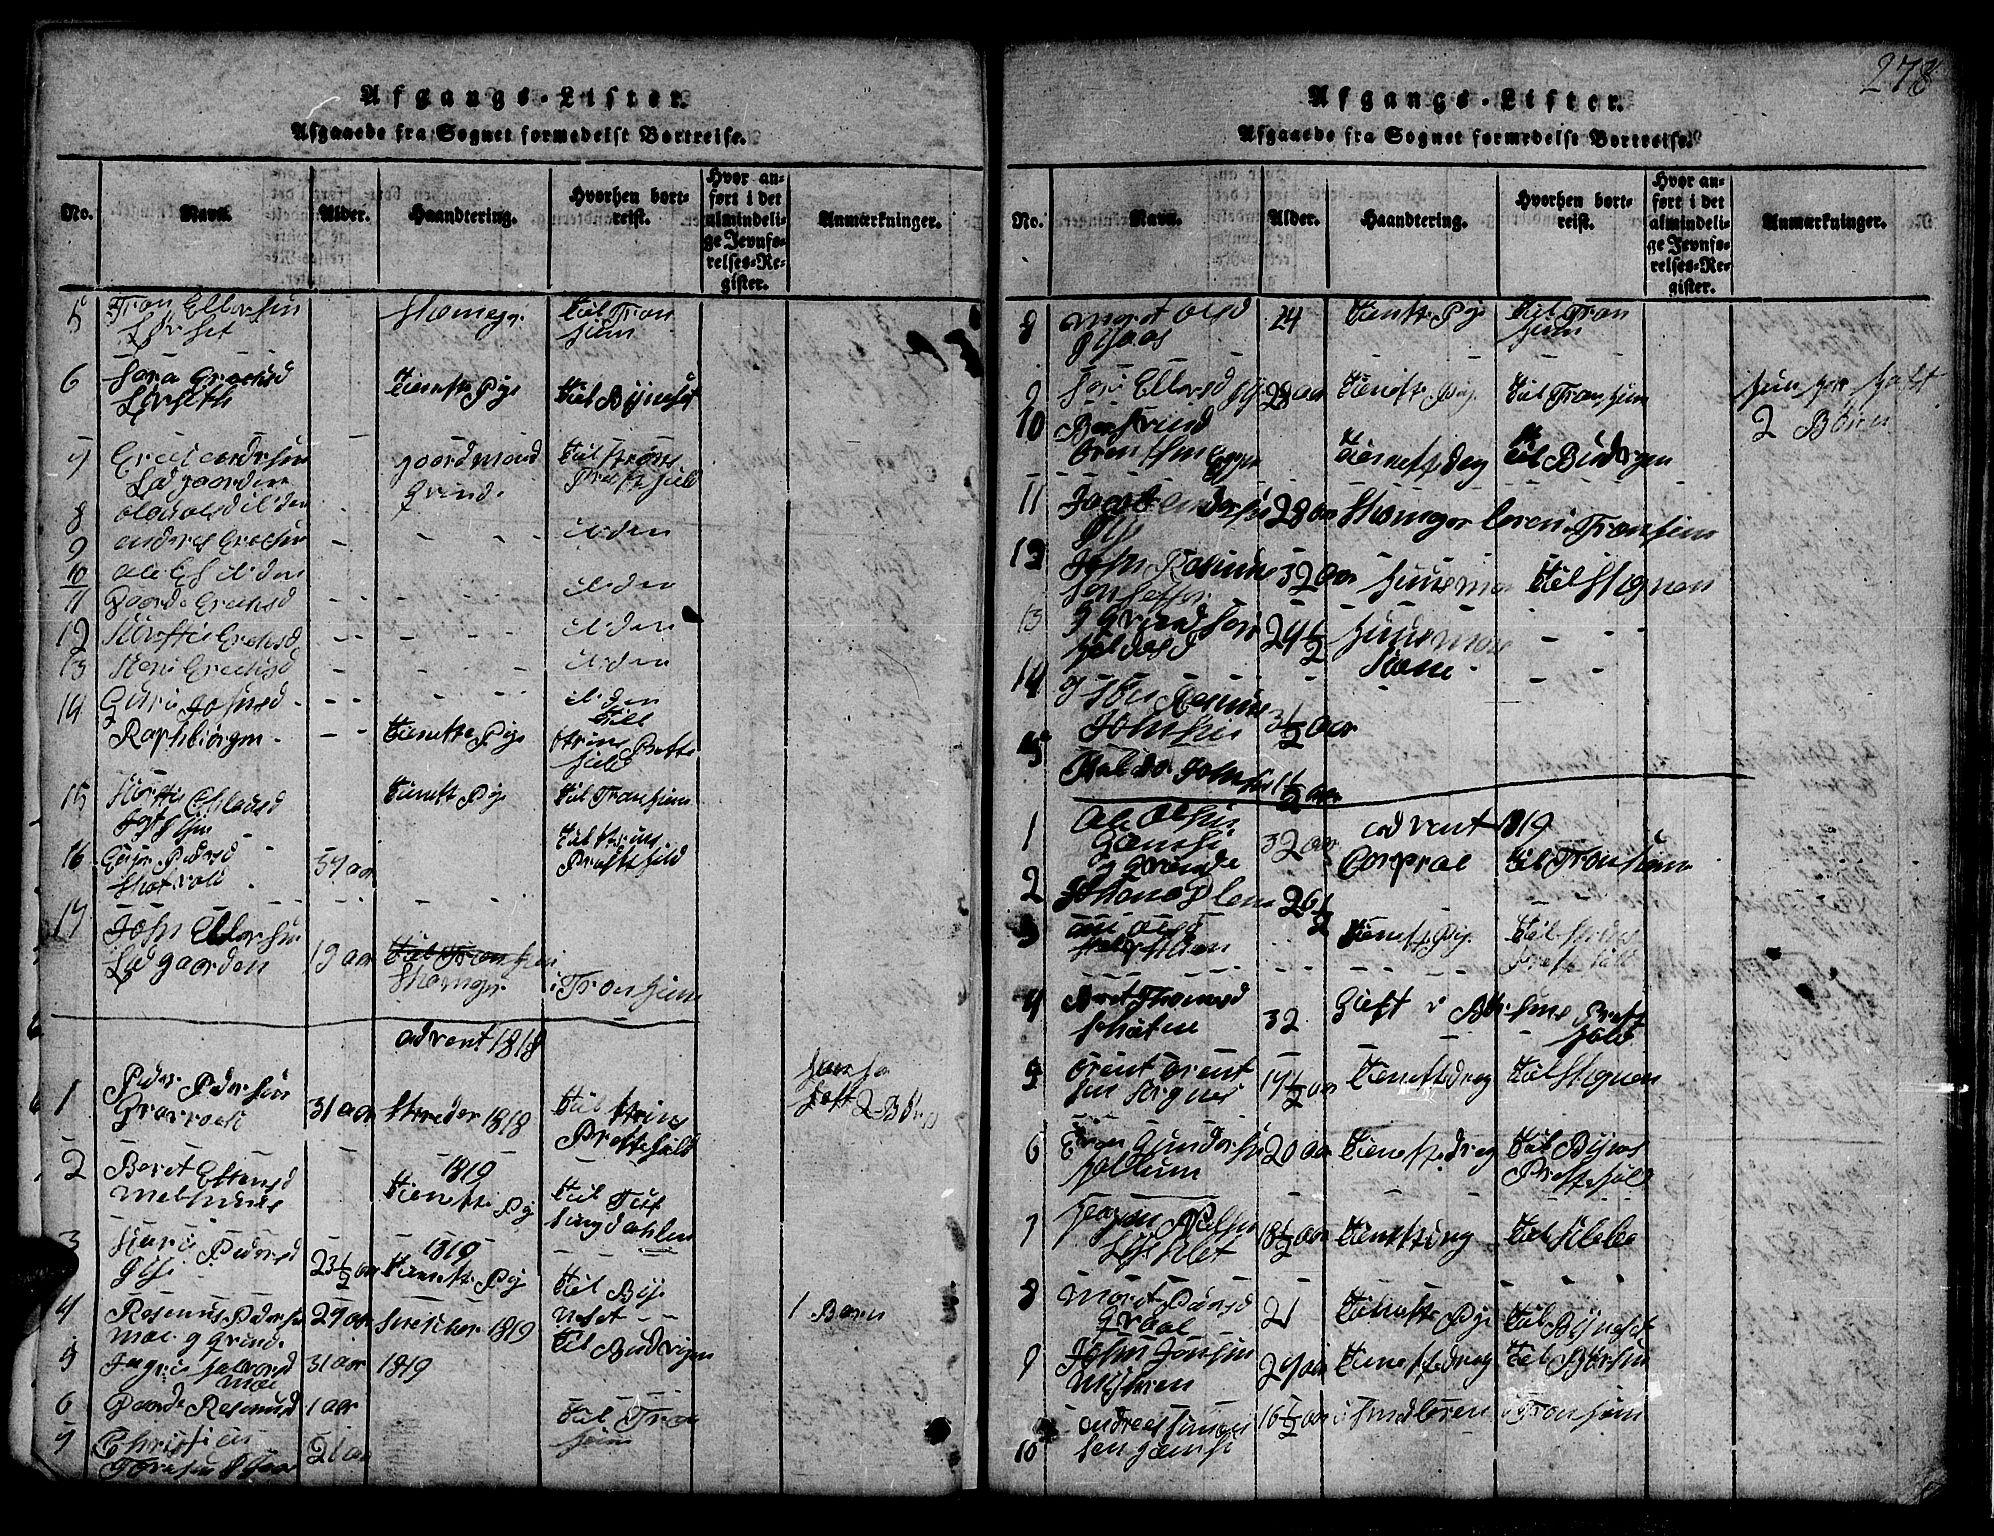 SAT, Ministerialprotokoller, klokkerbøker og fødselsregistre - Sør-Trøndelag, 691/L1092: Klokkerbok nr. 691C03, 1816-1852, s. 278